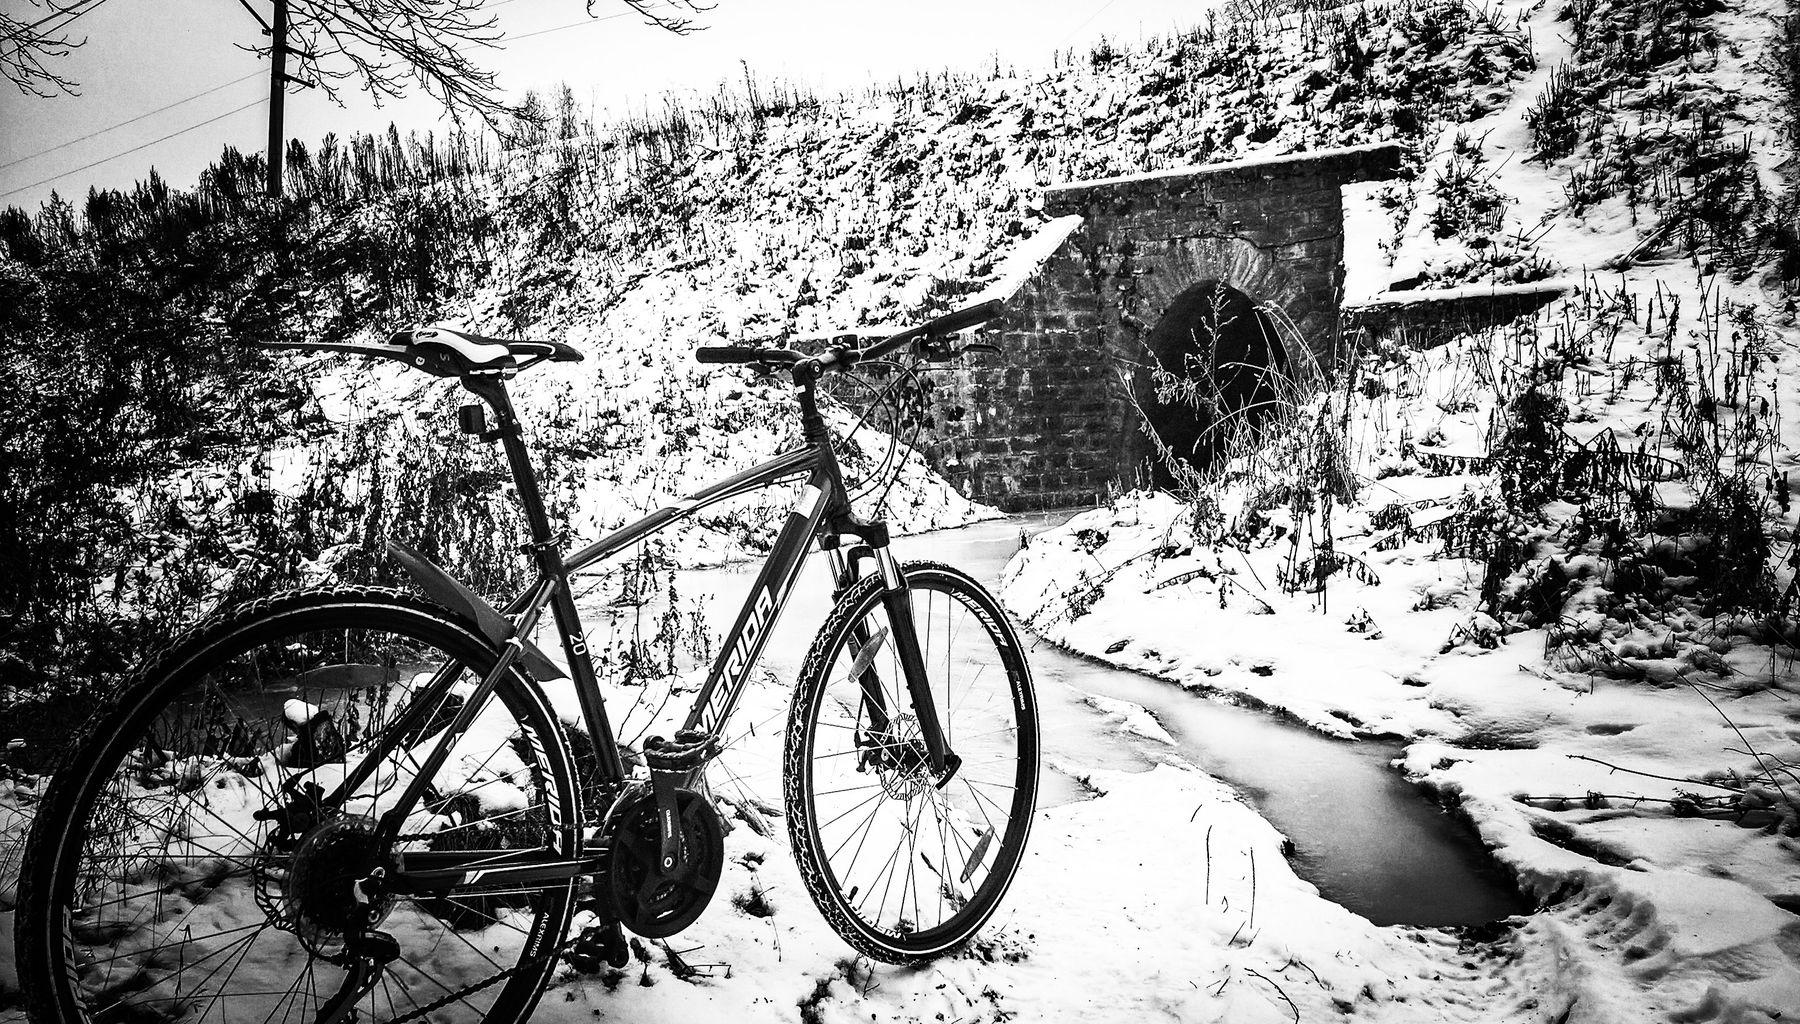 Вездеход вело снег зима мороз